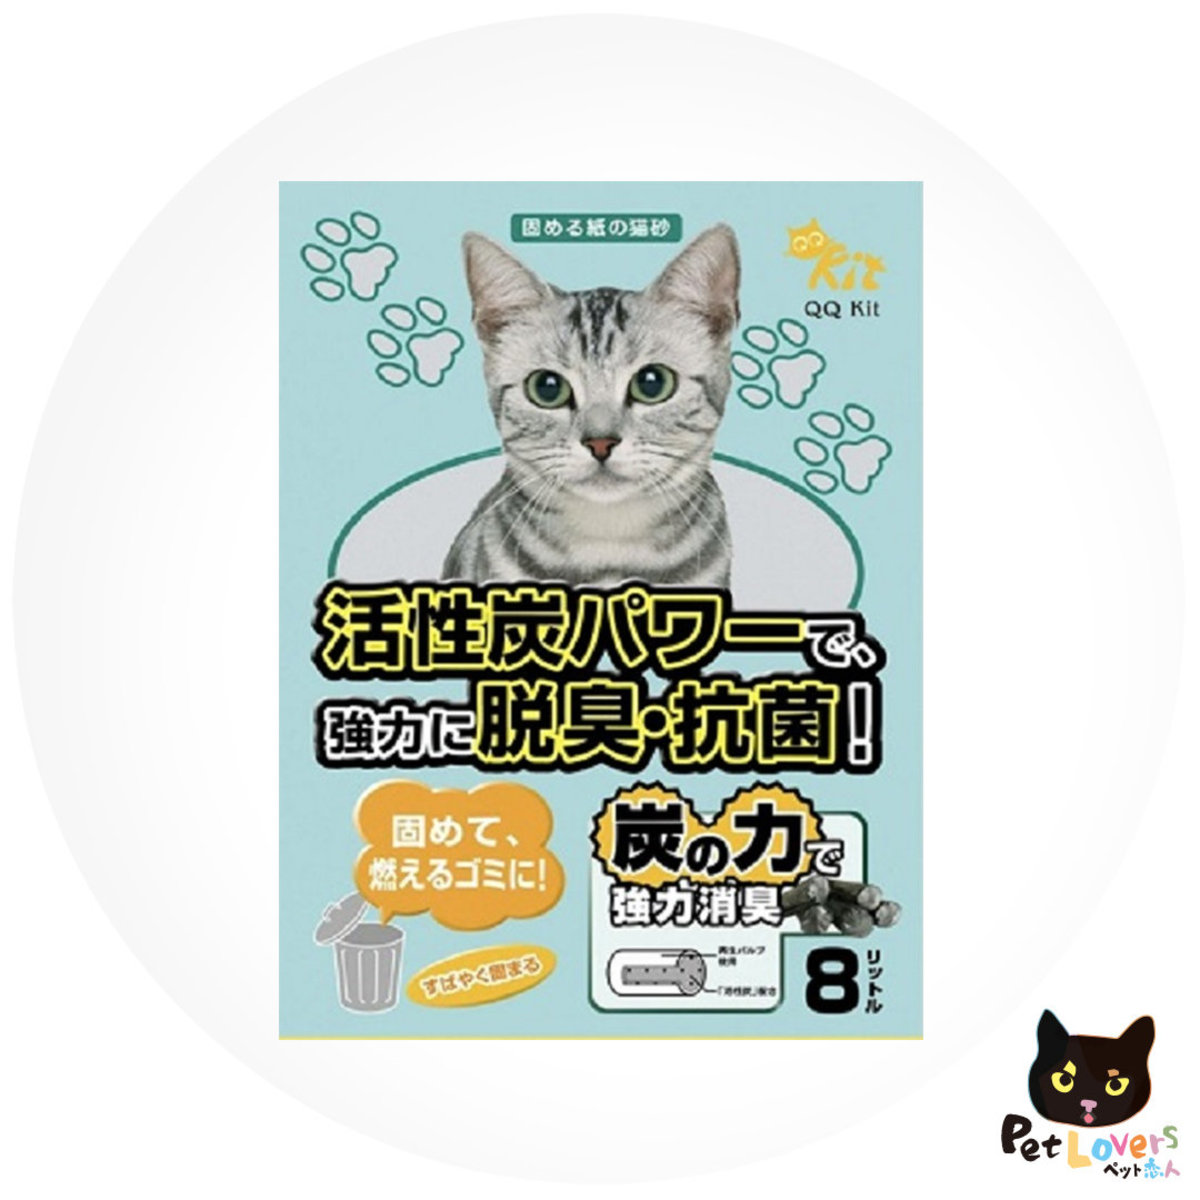 Qqkit - 活性炭紙貓砂 8L